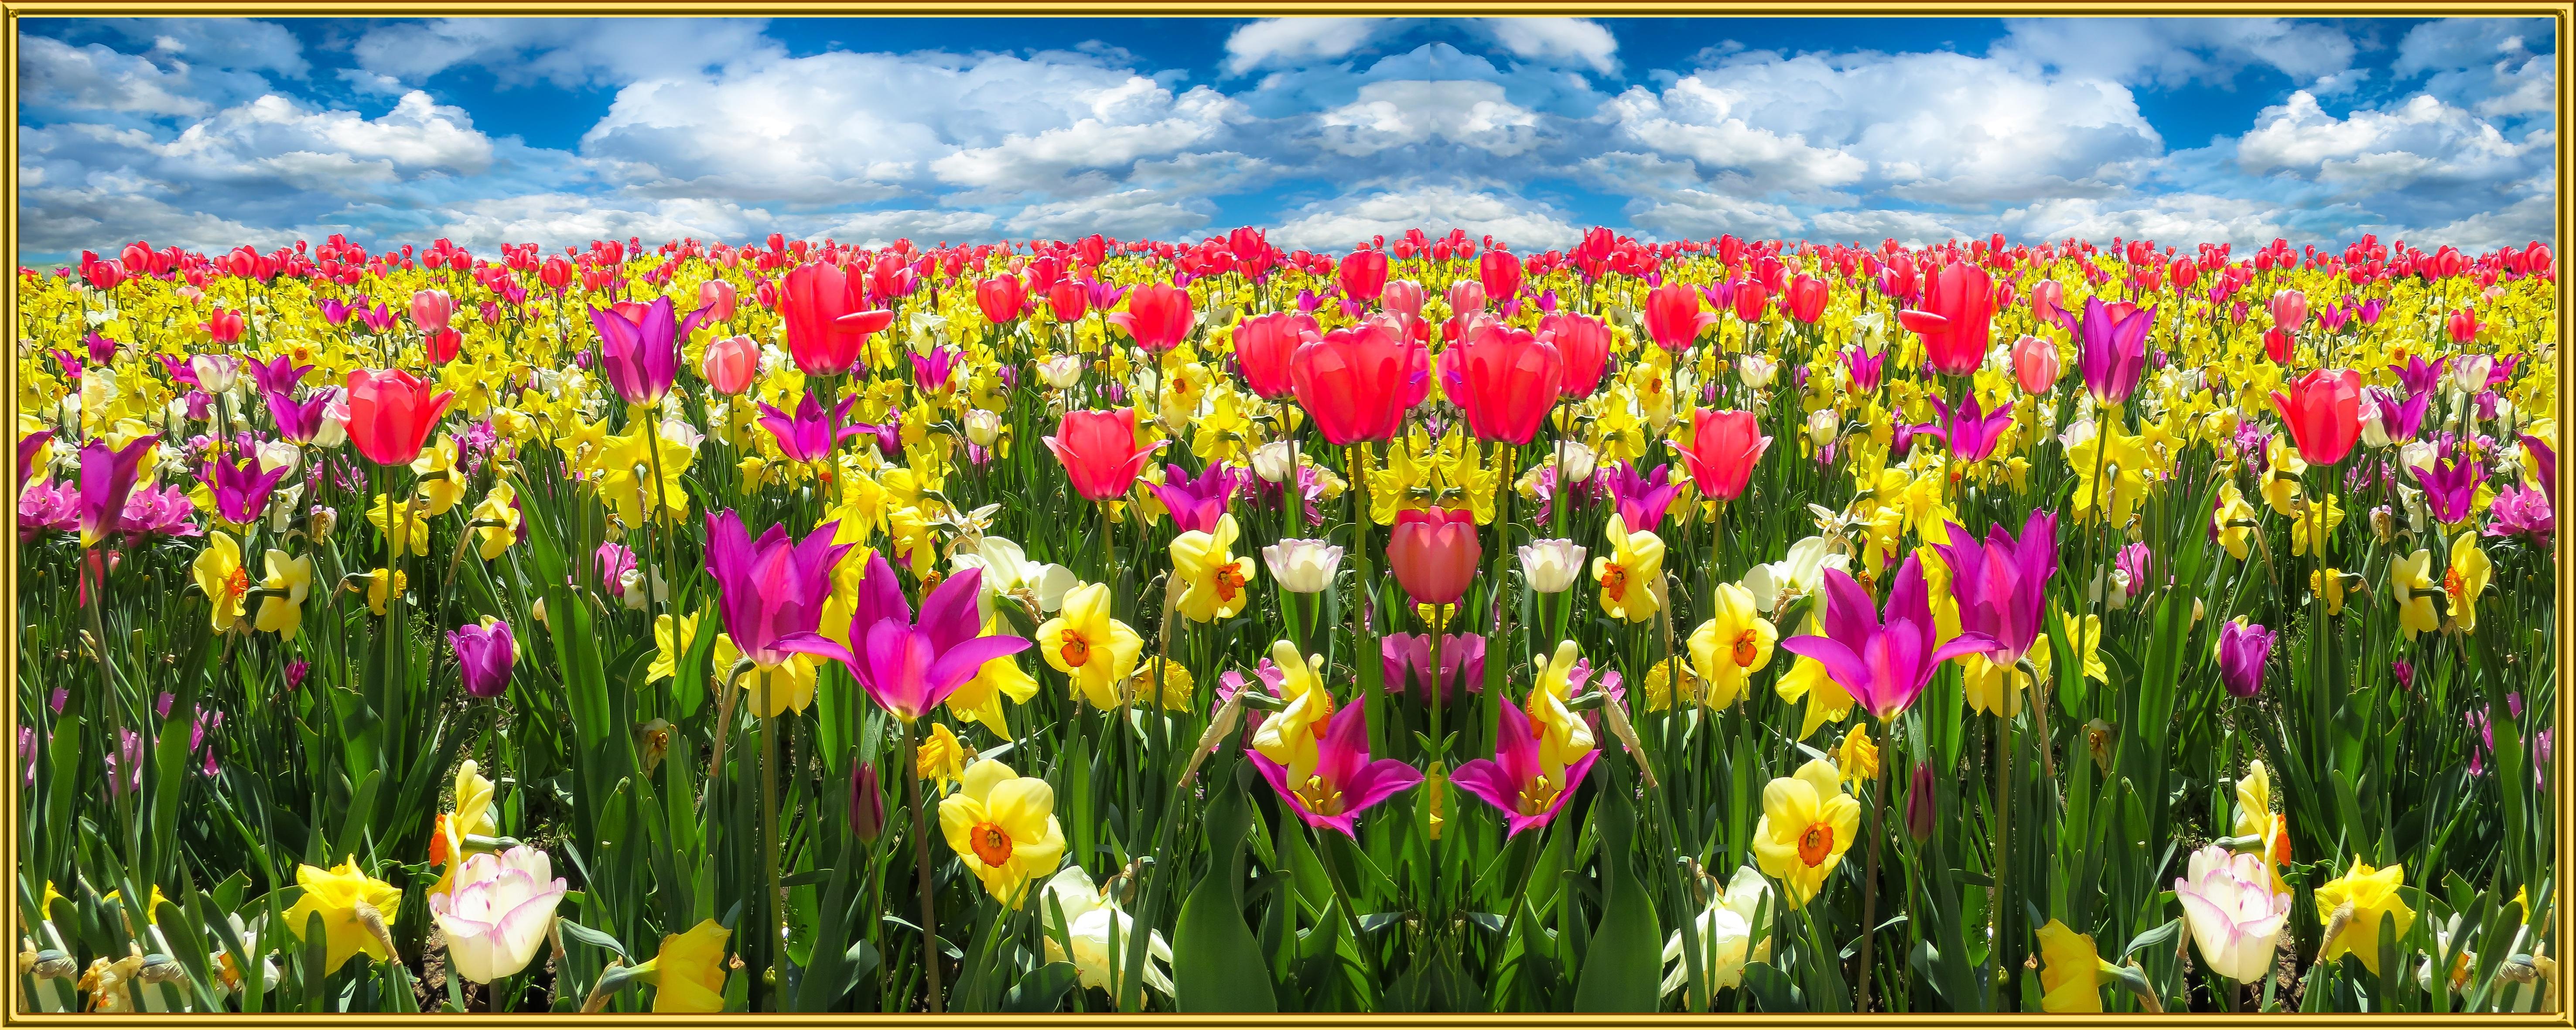 Immagini Belle : natura, fiorire, cielo, fiore, fioritura, tulipano ...